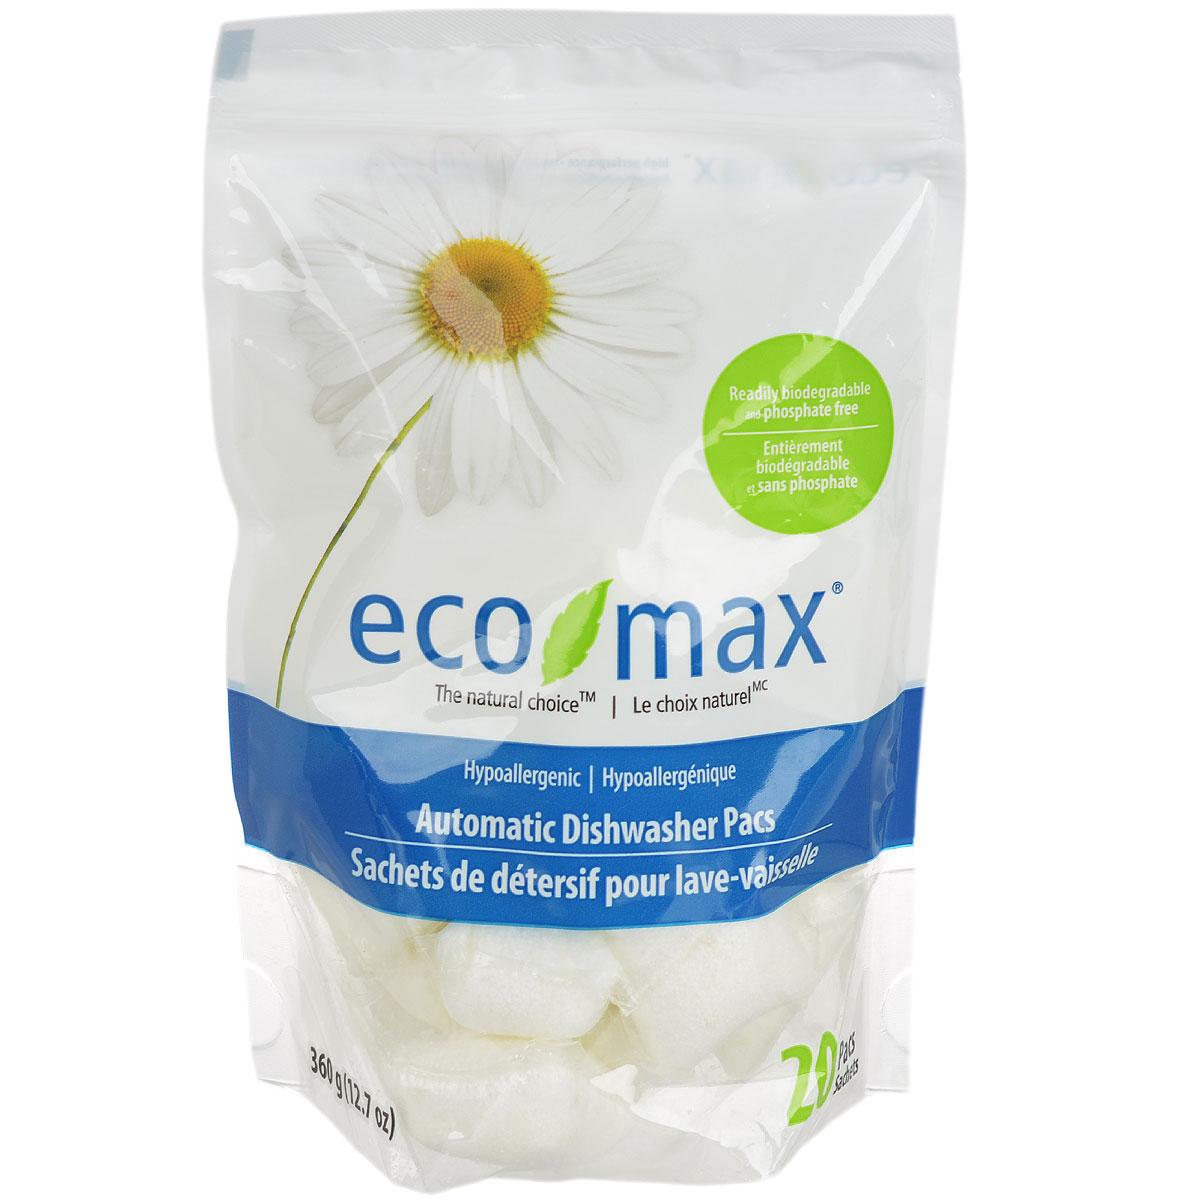 Капсулы гипоаллергенные для автоматической мойки посуды Eco Max, 360 гEmax-C126Натуральный гипоаллергенный порошок Eco Max для мытья посуды - прорыв в зеленой технологии очистки, использующей активные чистящие свойства ингредиентов, полученных из биоразлагаемых и возобновляемых растительных источников. Без запаха. Без следов на посуде. Придает блеск. Состав: натрия цитрат, натрия карбонат, перкарбонат, аспаргиновая кислота, натрия силикат, ПАВ, лимонная кислота, протеаза, амилаза, поливиниловый спирт.